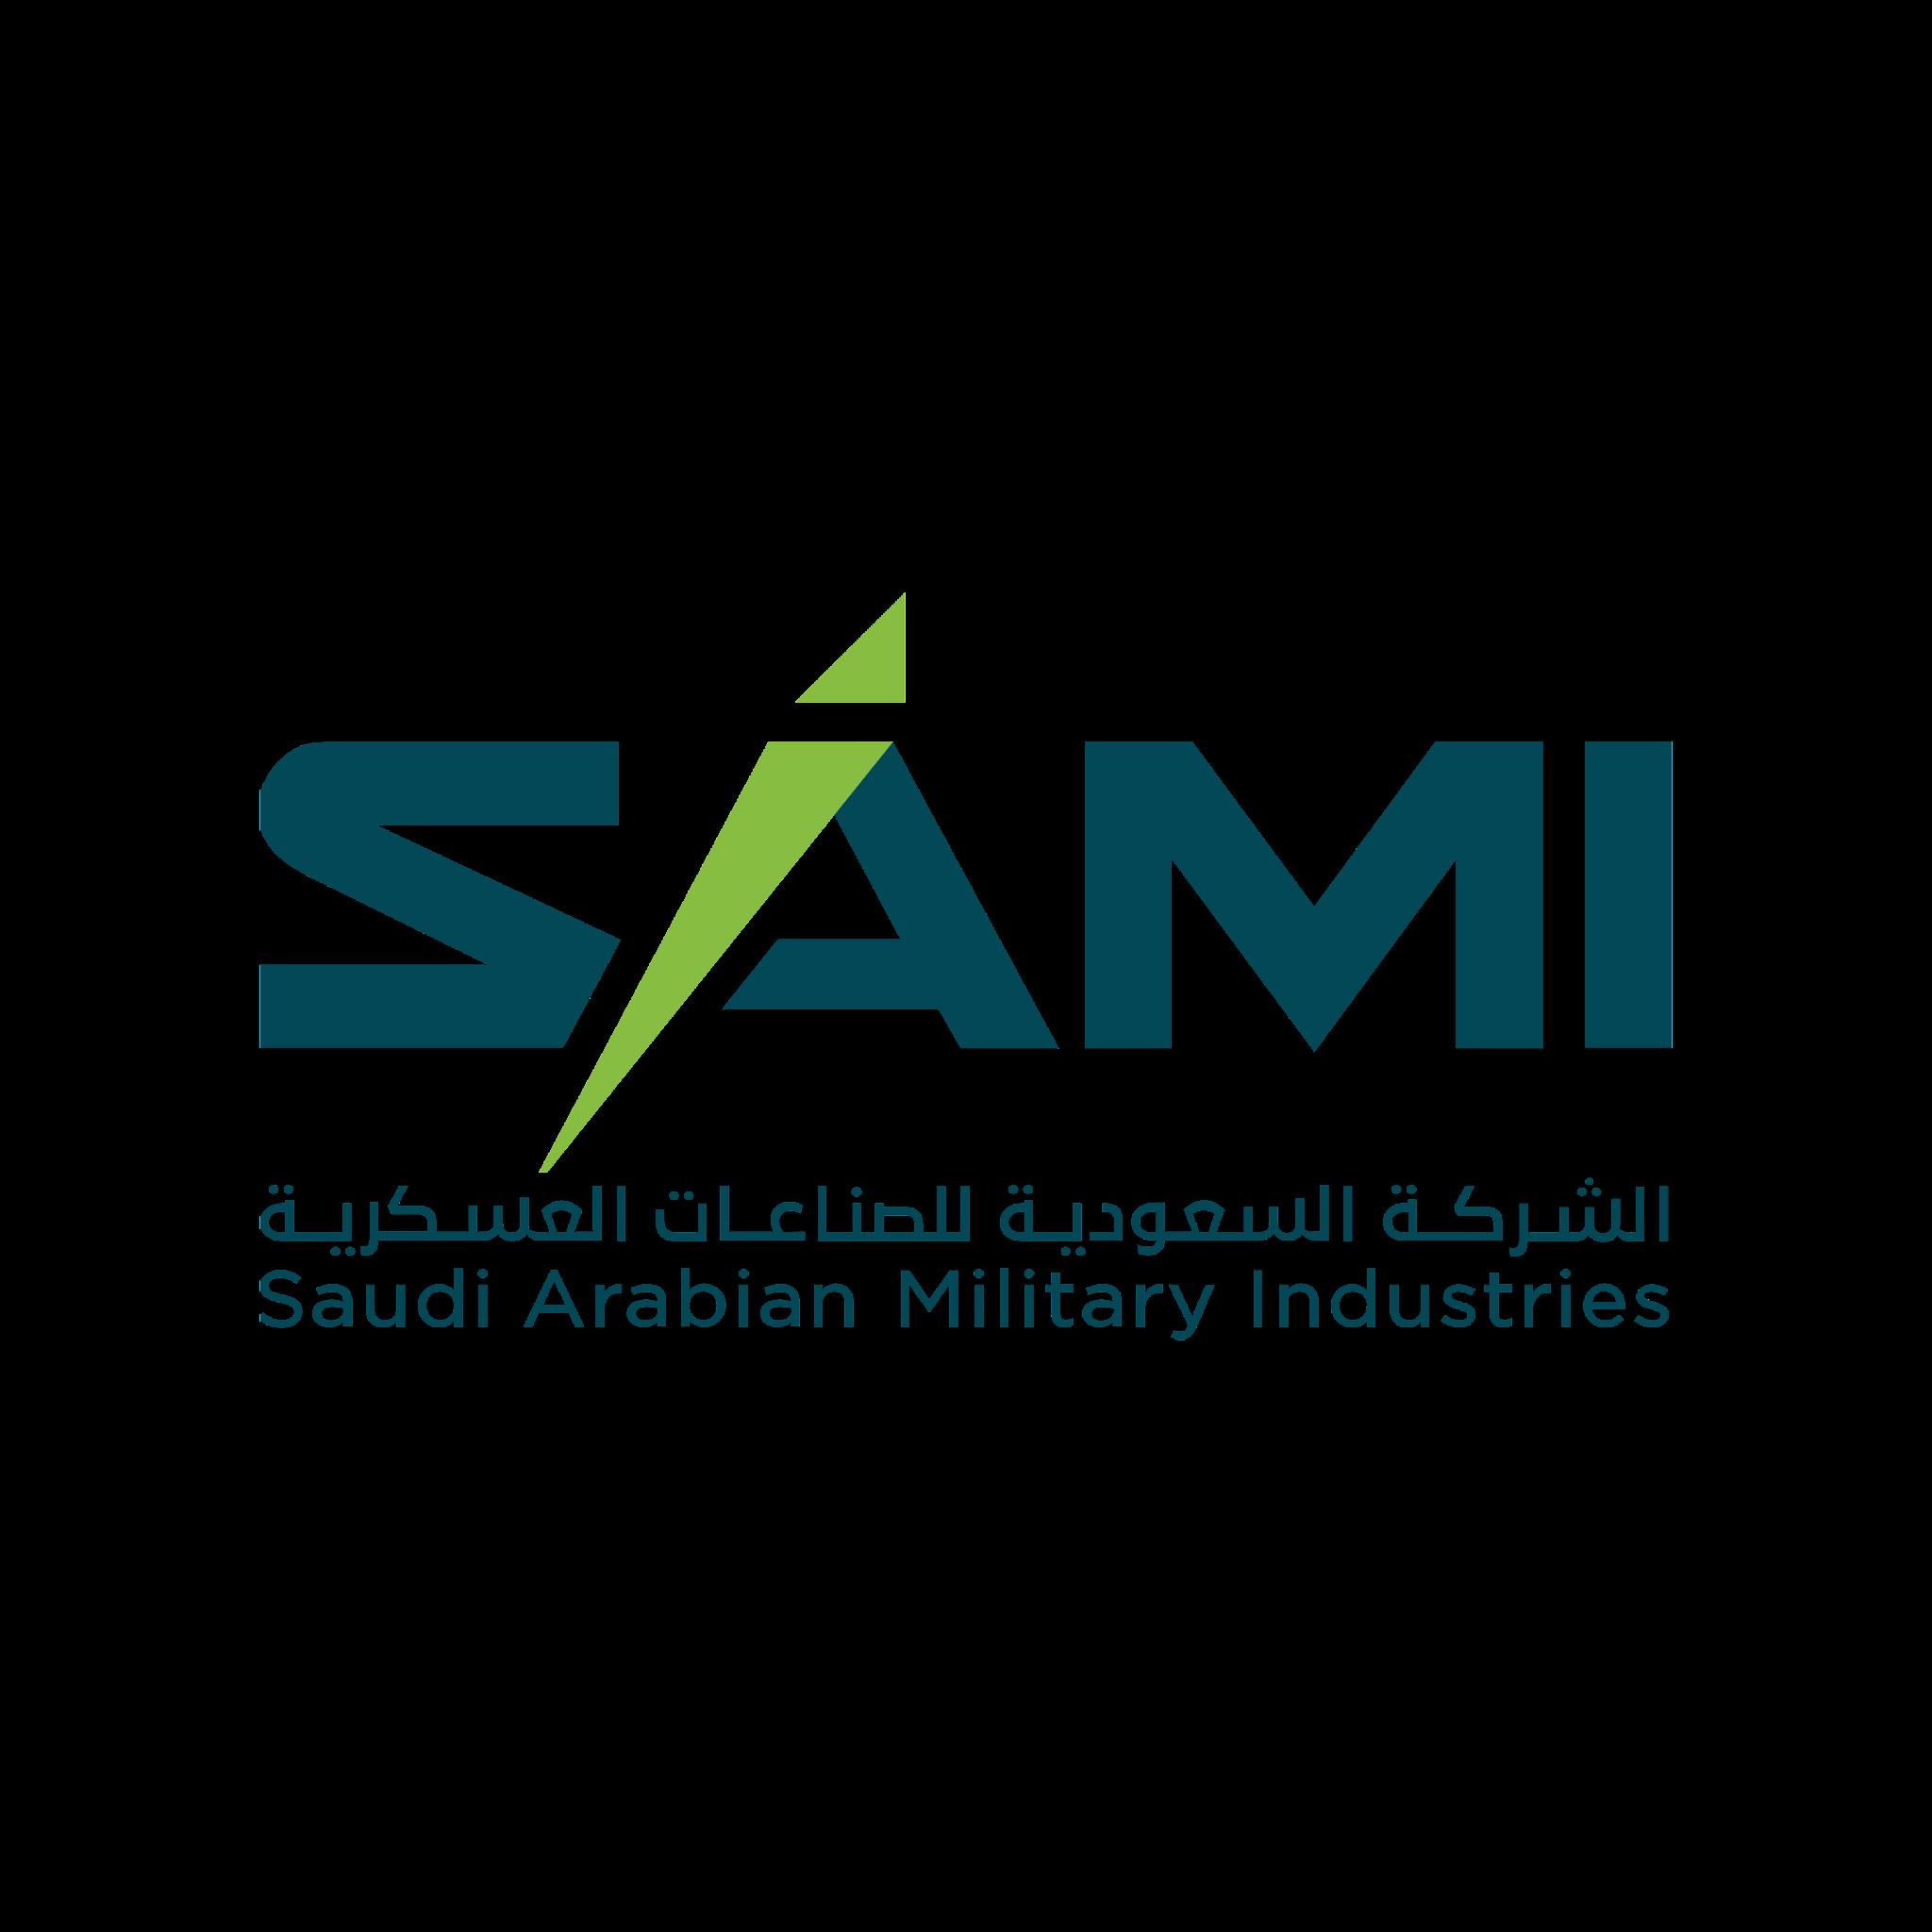 تحميل شعار الشركة السعودية للصناعات العسكرية لوجو شفاف عالي الدقة بصيغة شفافة Logo SAMI PNG